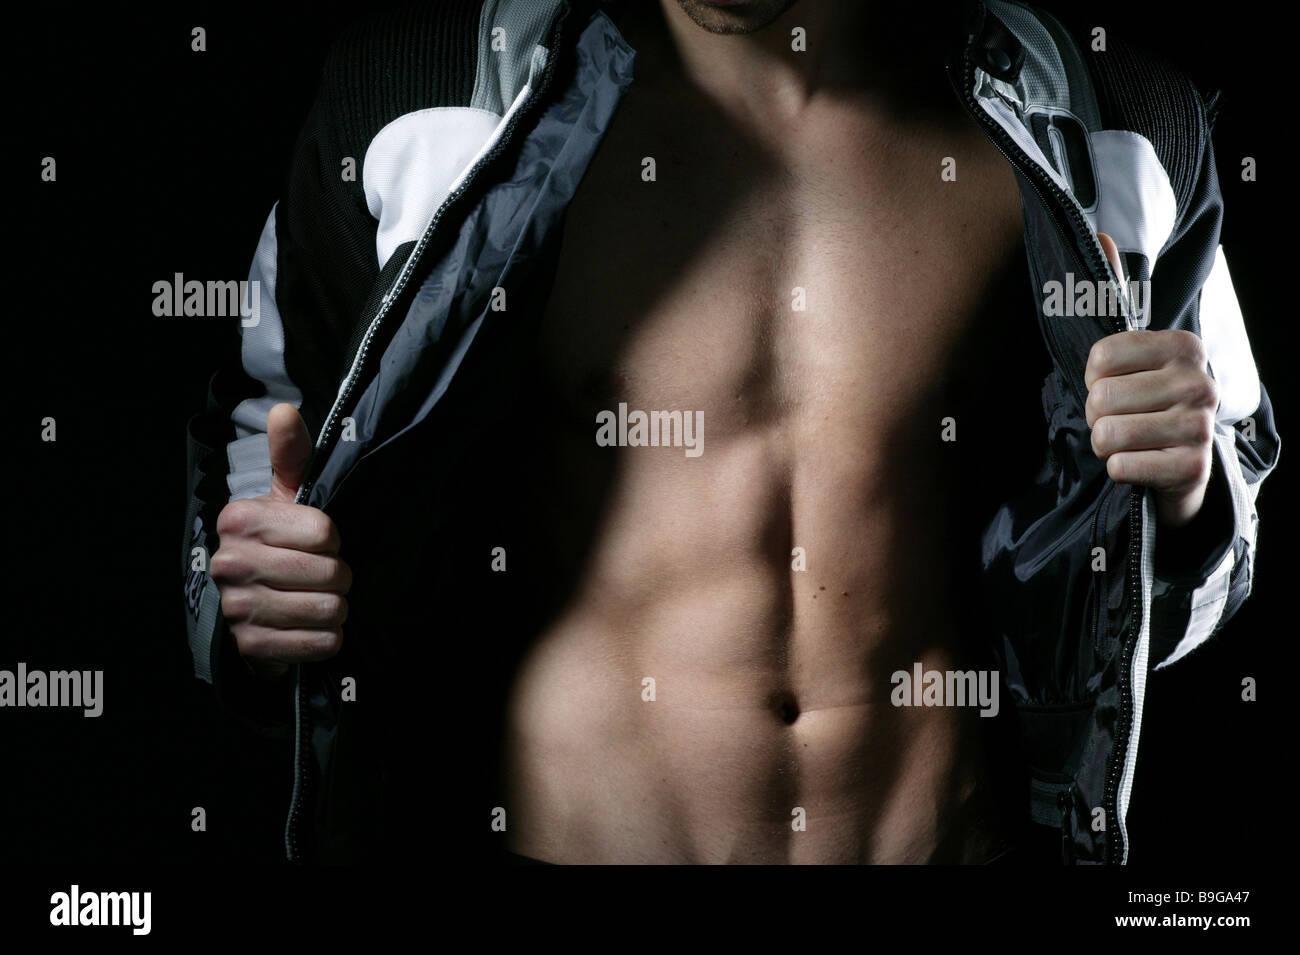 Homme Veste ouvertement la musculature du corps détail personnes jeunes peuplements veste moto-corps musculaire Photo Stock